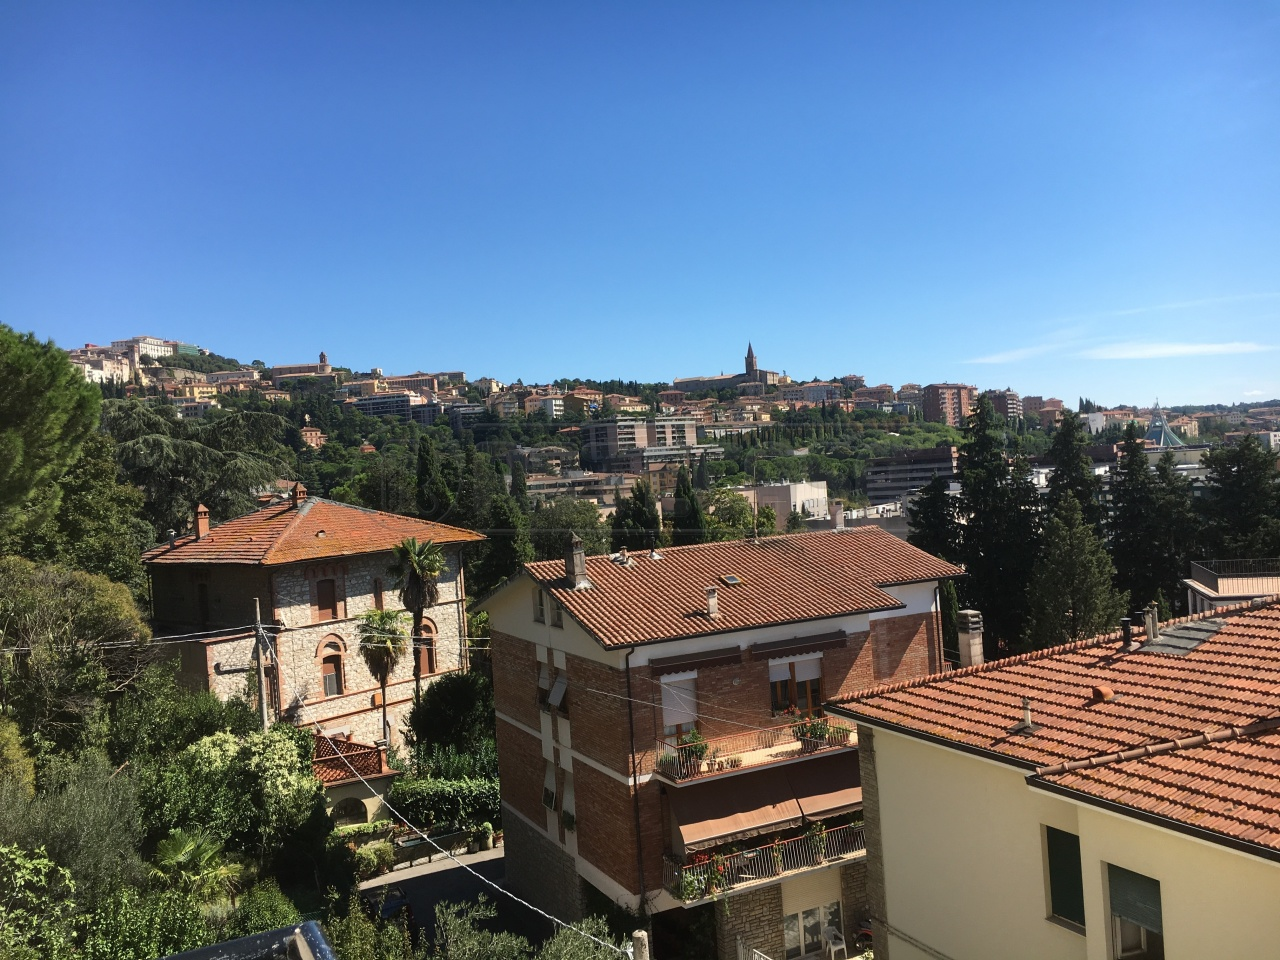 Appartamento in vendita a Perugia, 4 locali, prezzo € 105.000 | Cambio Casa.it